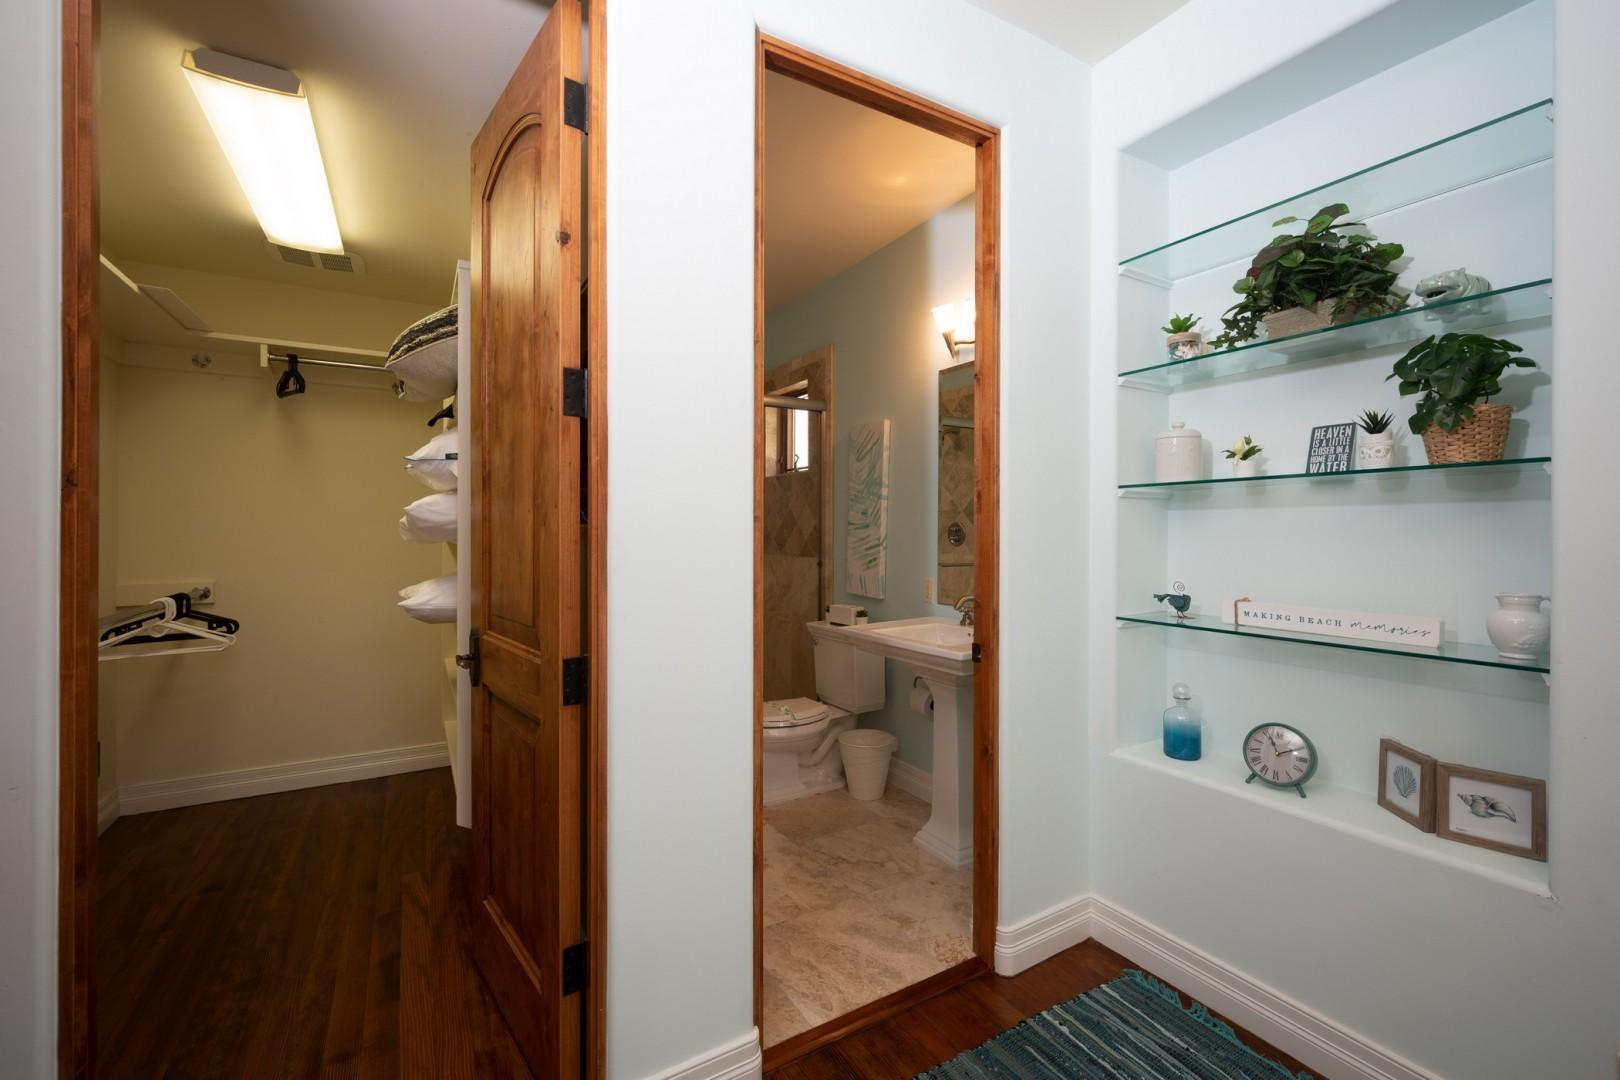 5556-Calumet-Ave-Airbnb-09